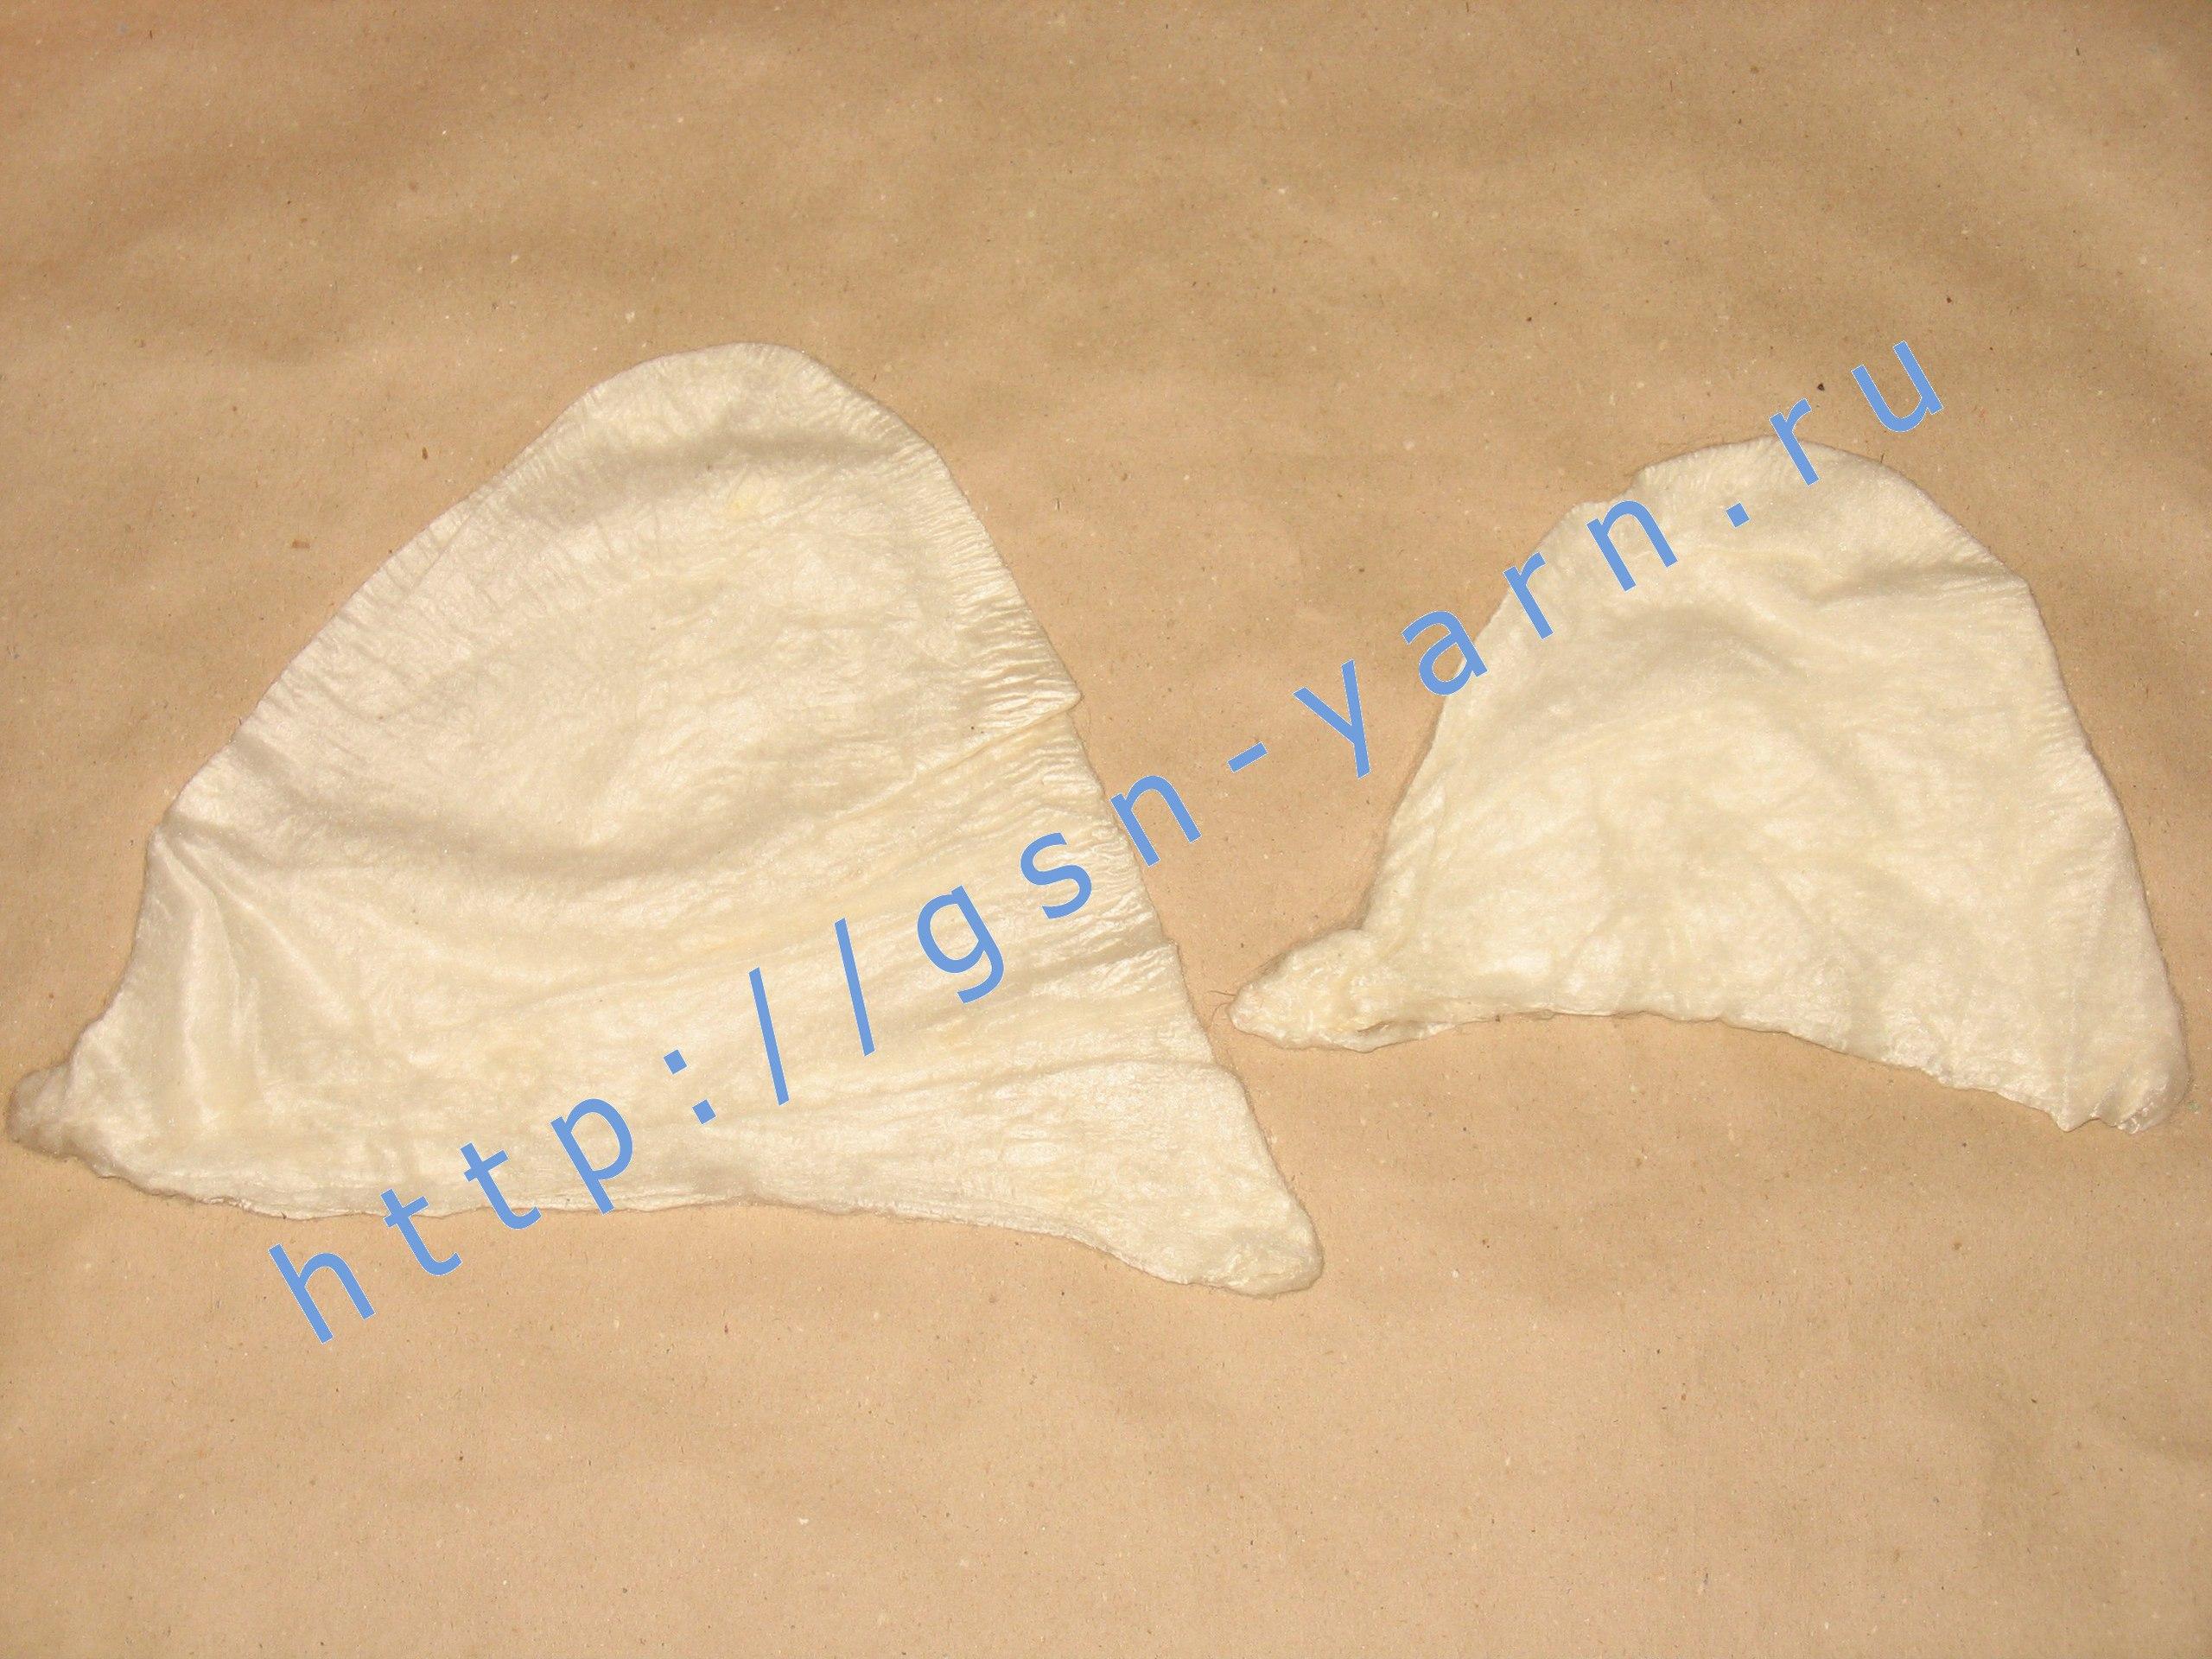 шелковые колпаки, шелковые шапки, шелковое волокно, шелк для валяния, шелк для фелтинга, шелковое волокно для фильцевания, шелковое волокно для нуно-фелтинга, silk caps, шелк купить, шелковое волокно для валяния